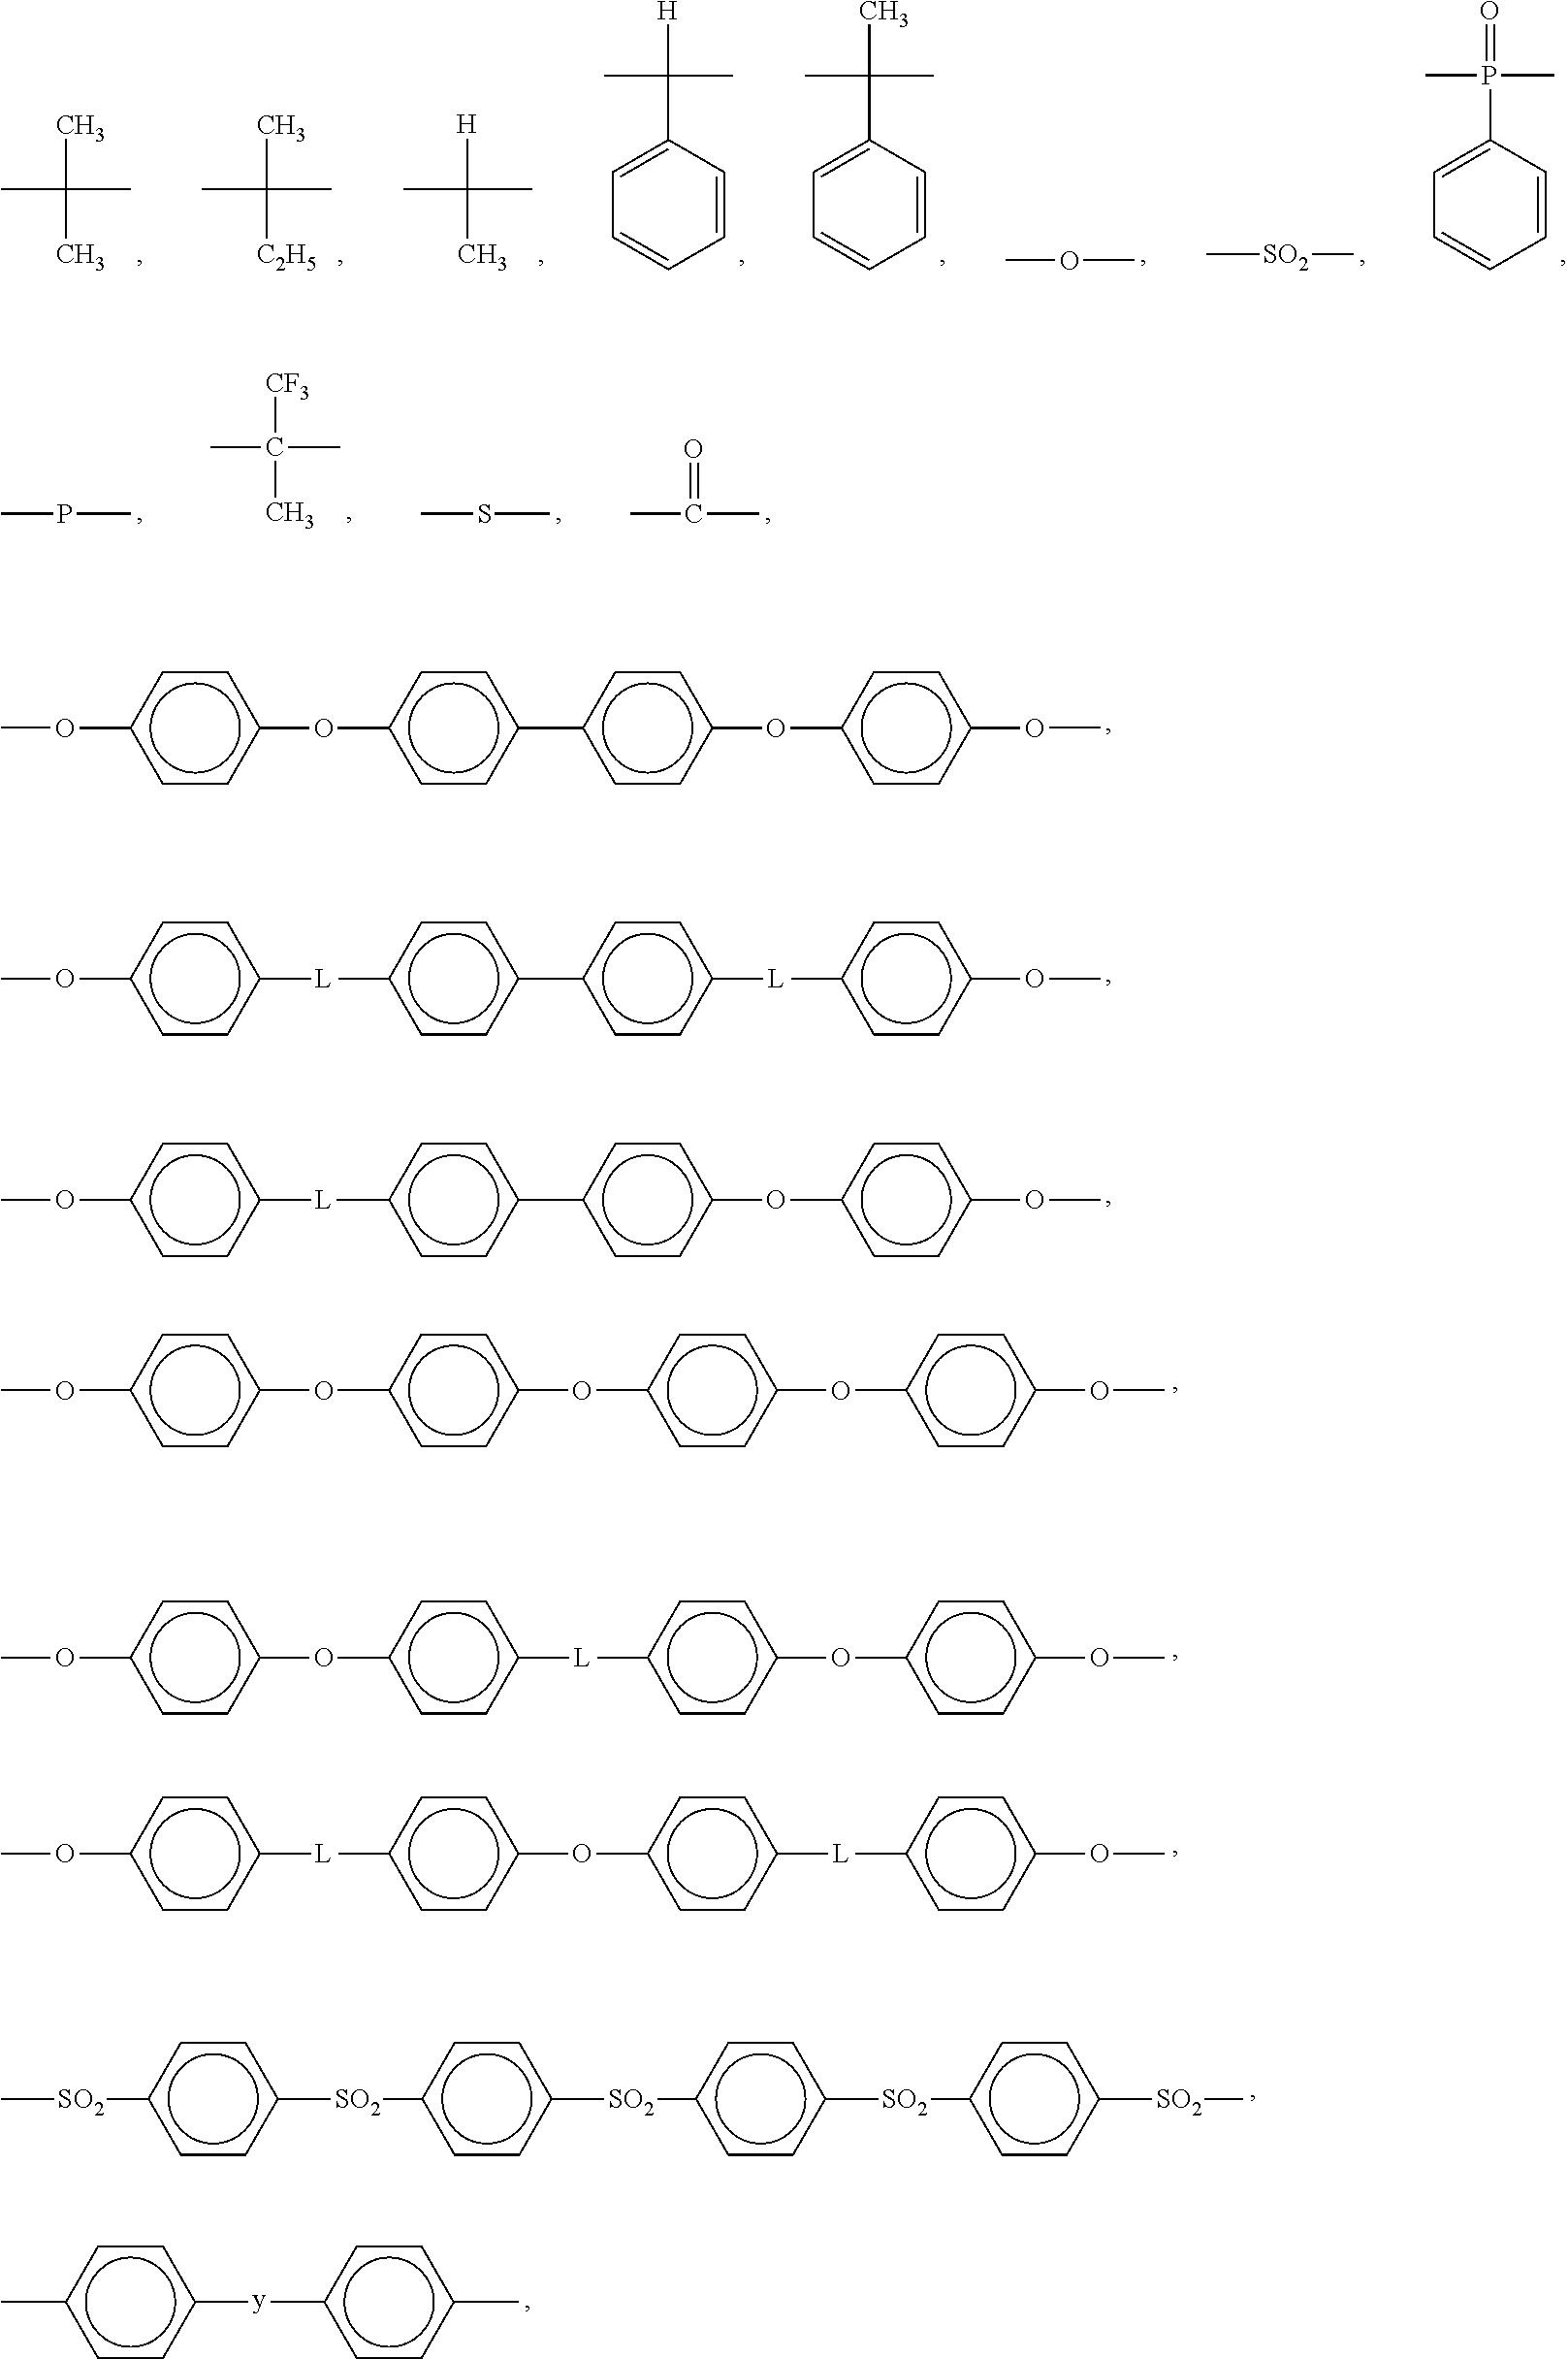 Figure US20160208053A1-20160721-C00026